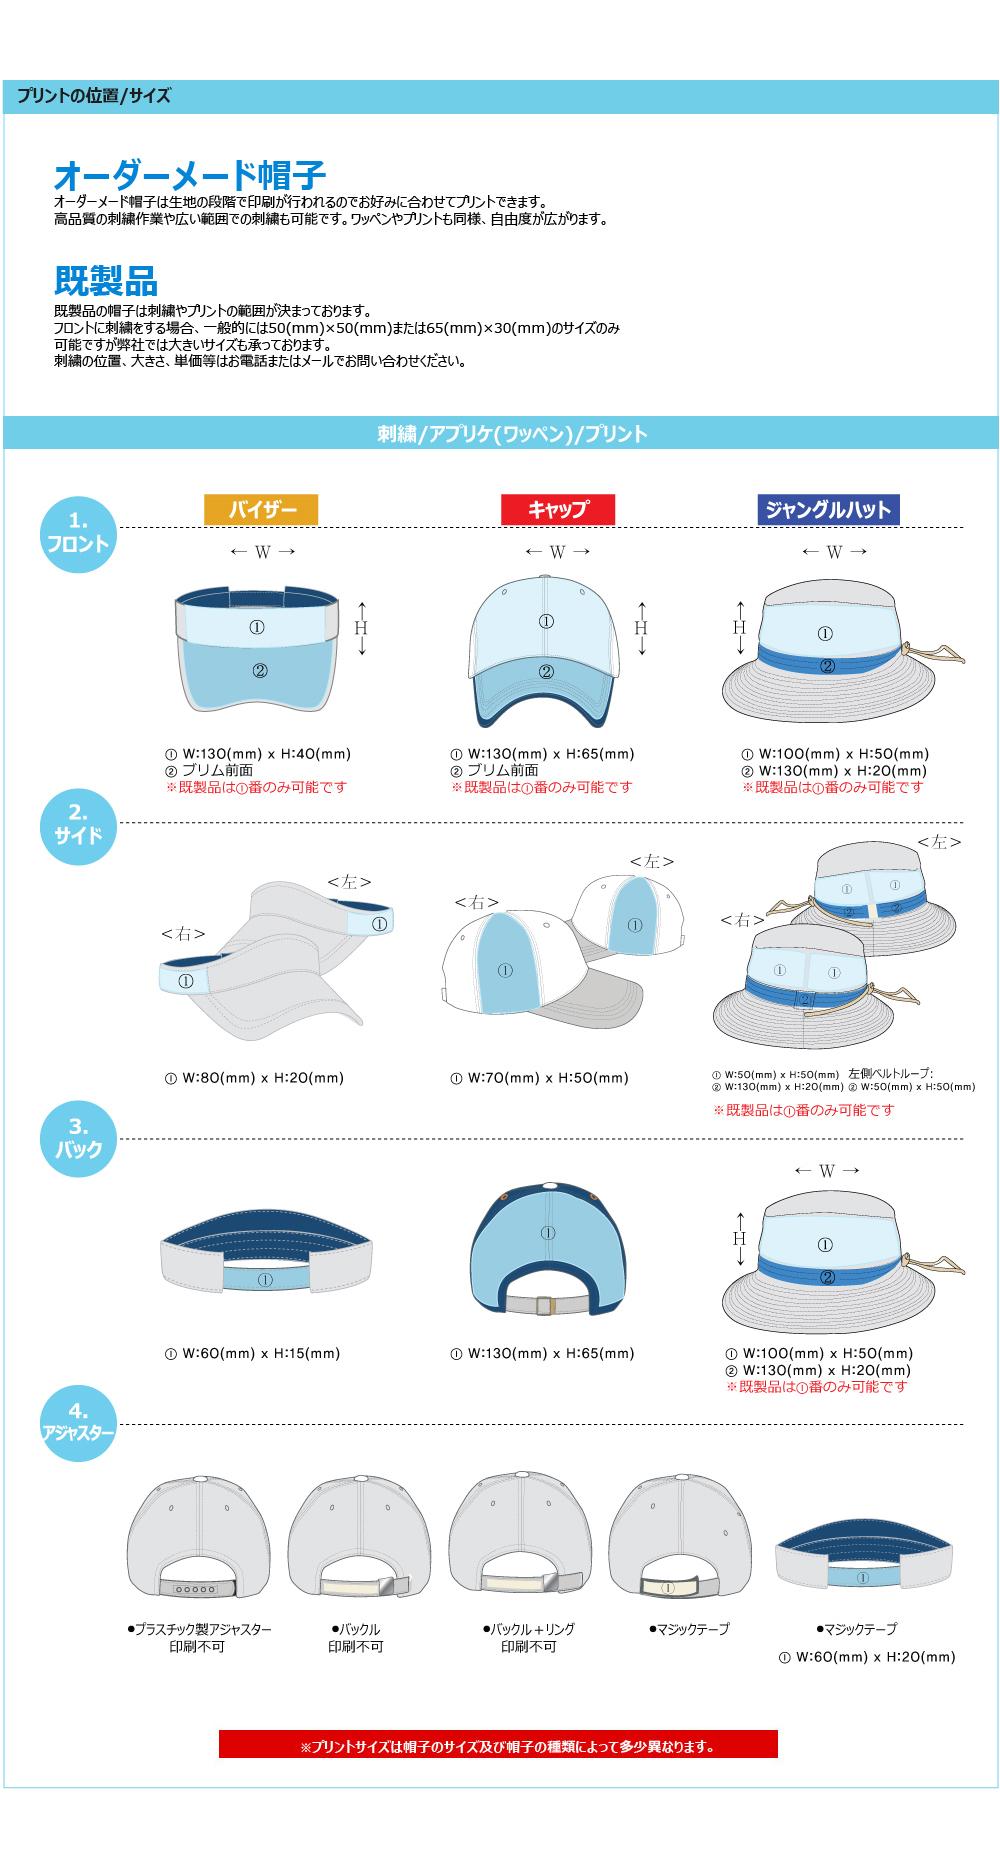 オリジナルキャップ刺繍キャップオーダーメード帽子は生地の段階で印刷が行われるのでお好みに合わせて製作できます。 高品質の刺繍作業や広い範囲での刺繍も可能です。ワッペンやプリントも同様、自由度が広がります。 既製品の帽子は刺繍やプリントの範囲が決まっております。 フロントに刺繍をする場合、一般的には50(mm)×50(mm)または65(mm)×30(mm)のサイズのみ 可能ですが弊社では大きいサイズも承っております。 刺繍の位置、大きさ、単価等はお電話またはメールでお問い合わせください。